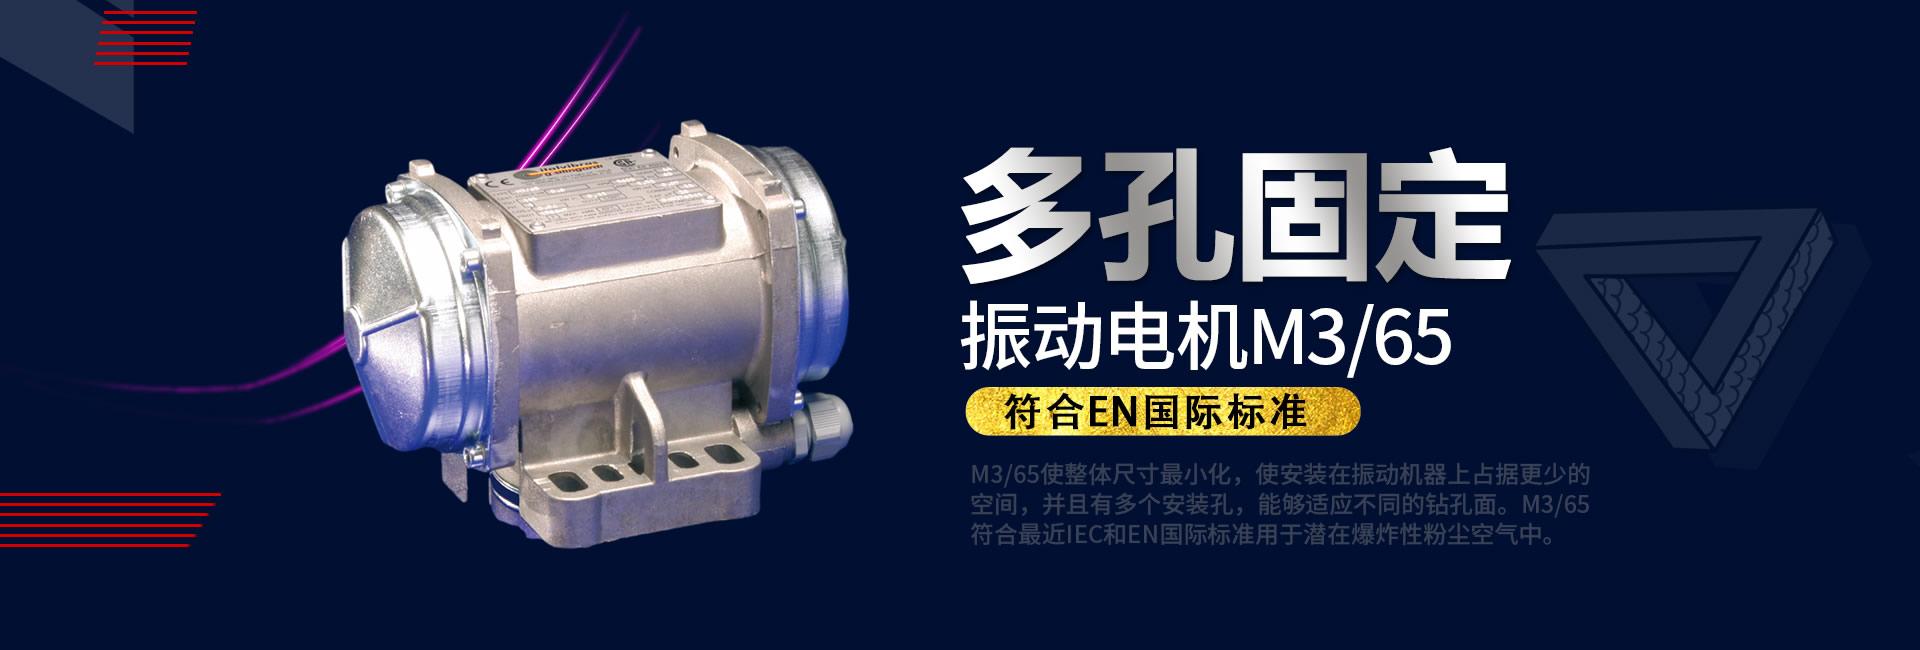 多孔固定振动电机M3/65